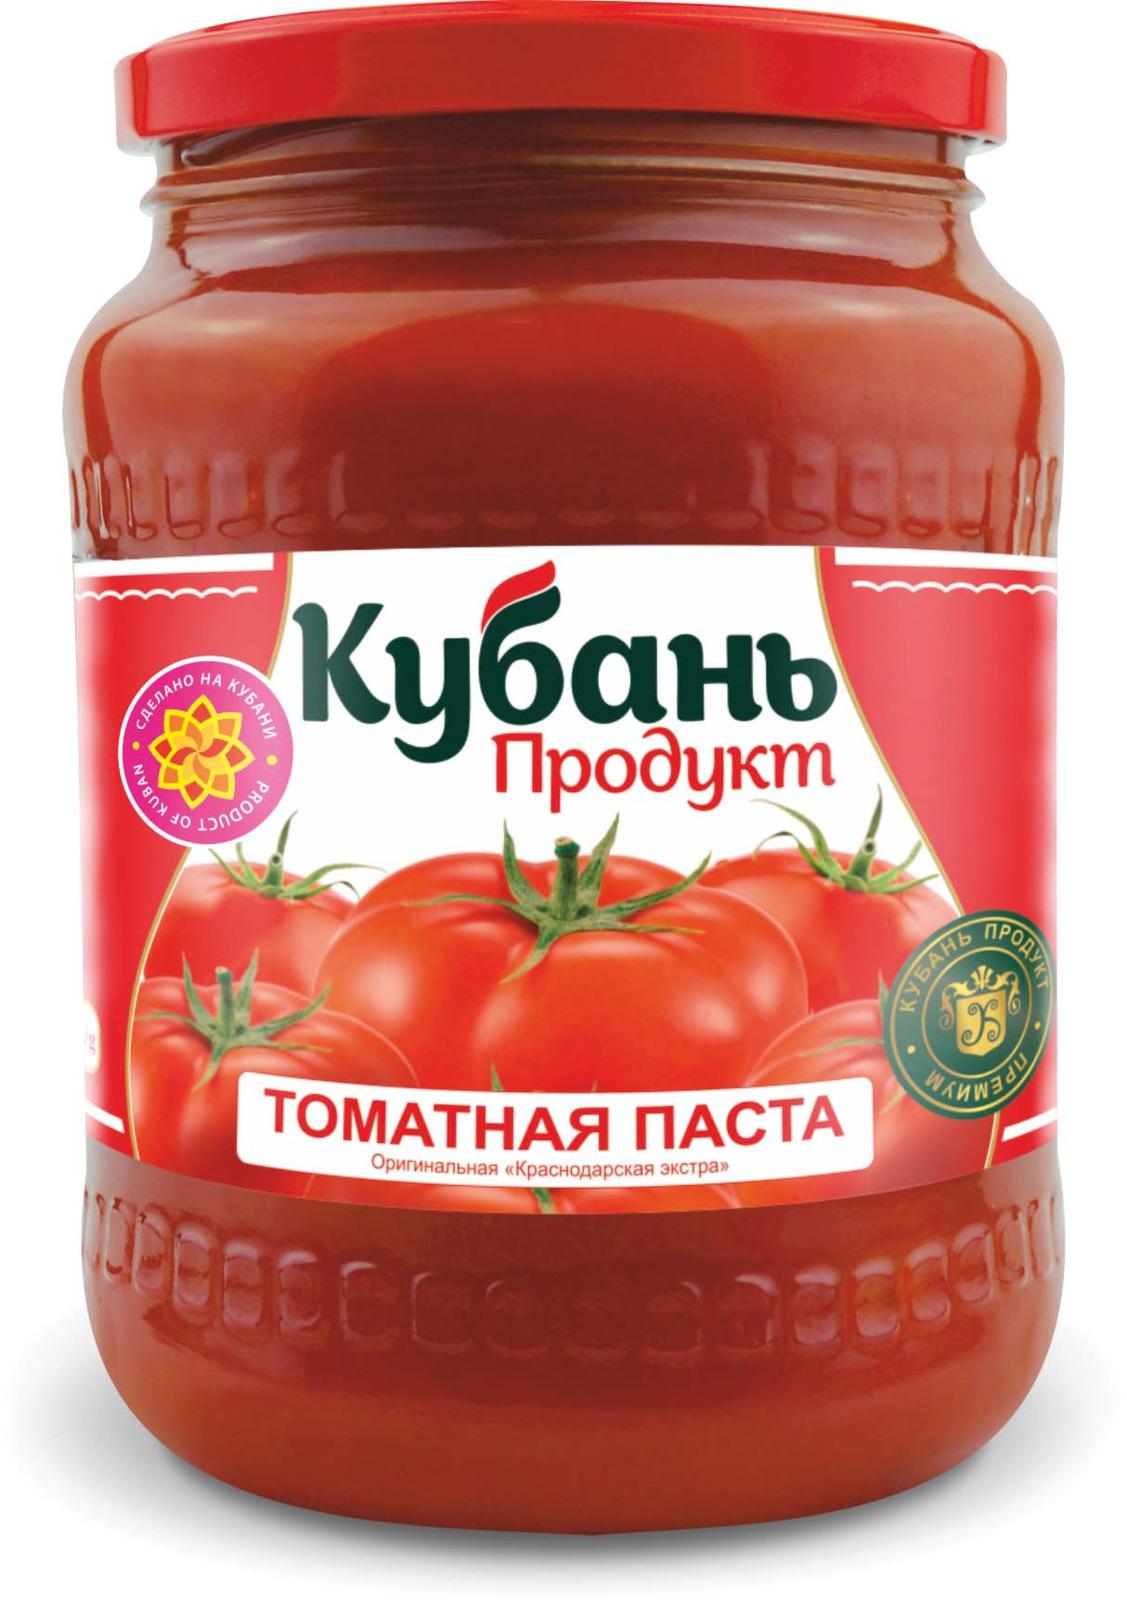 Кубань Продукт паста томатная, 720 г кубань продукт компот вишневый 1 л